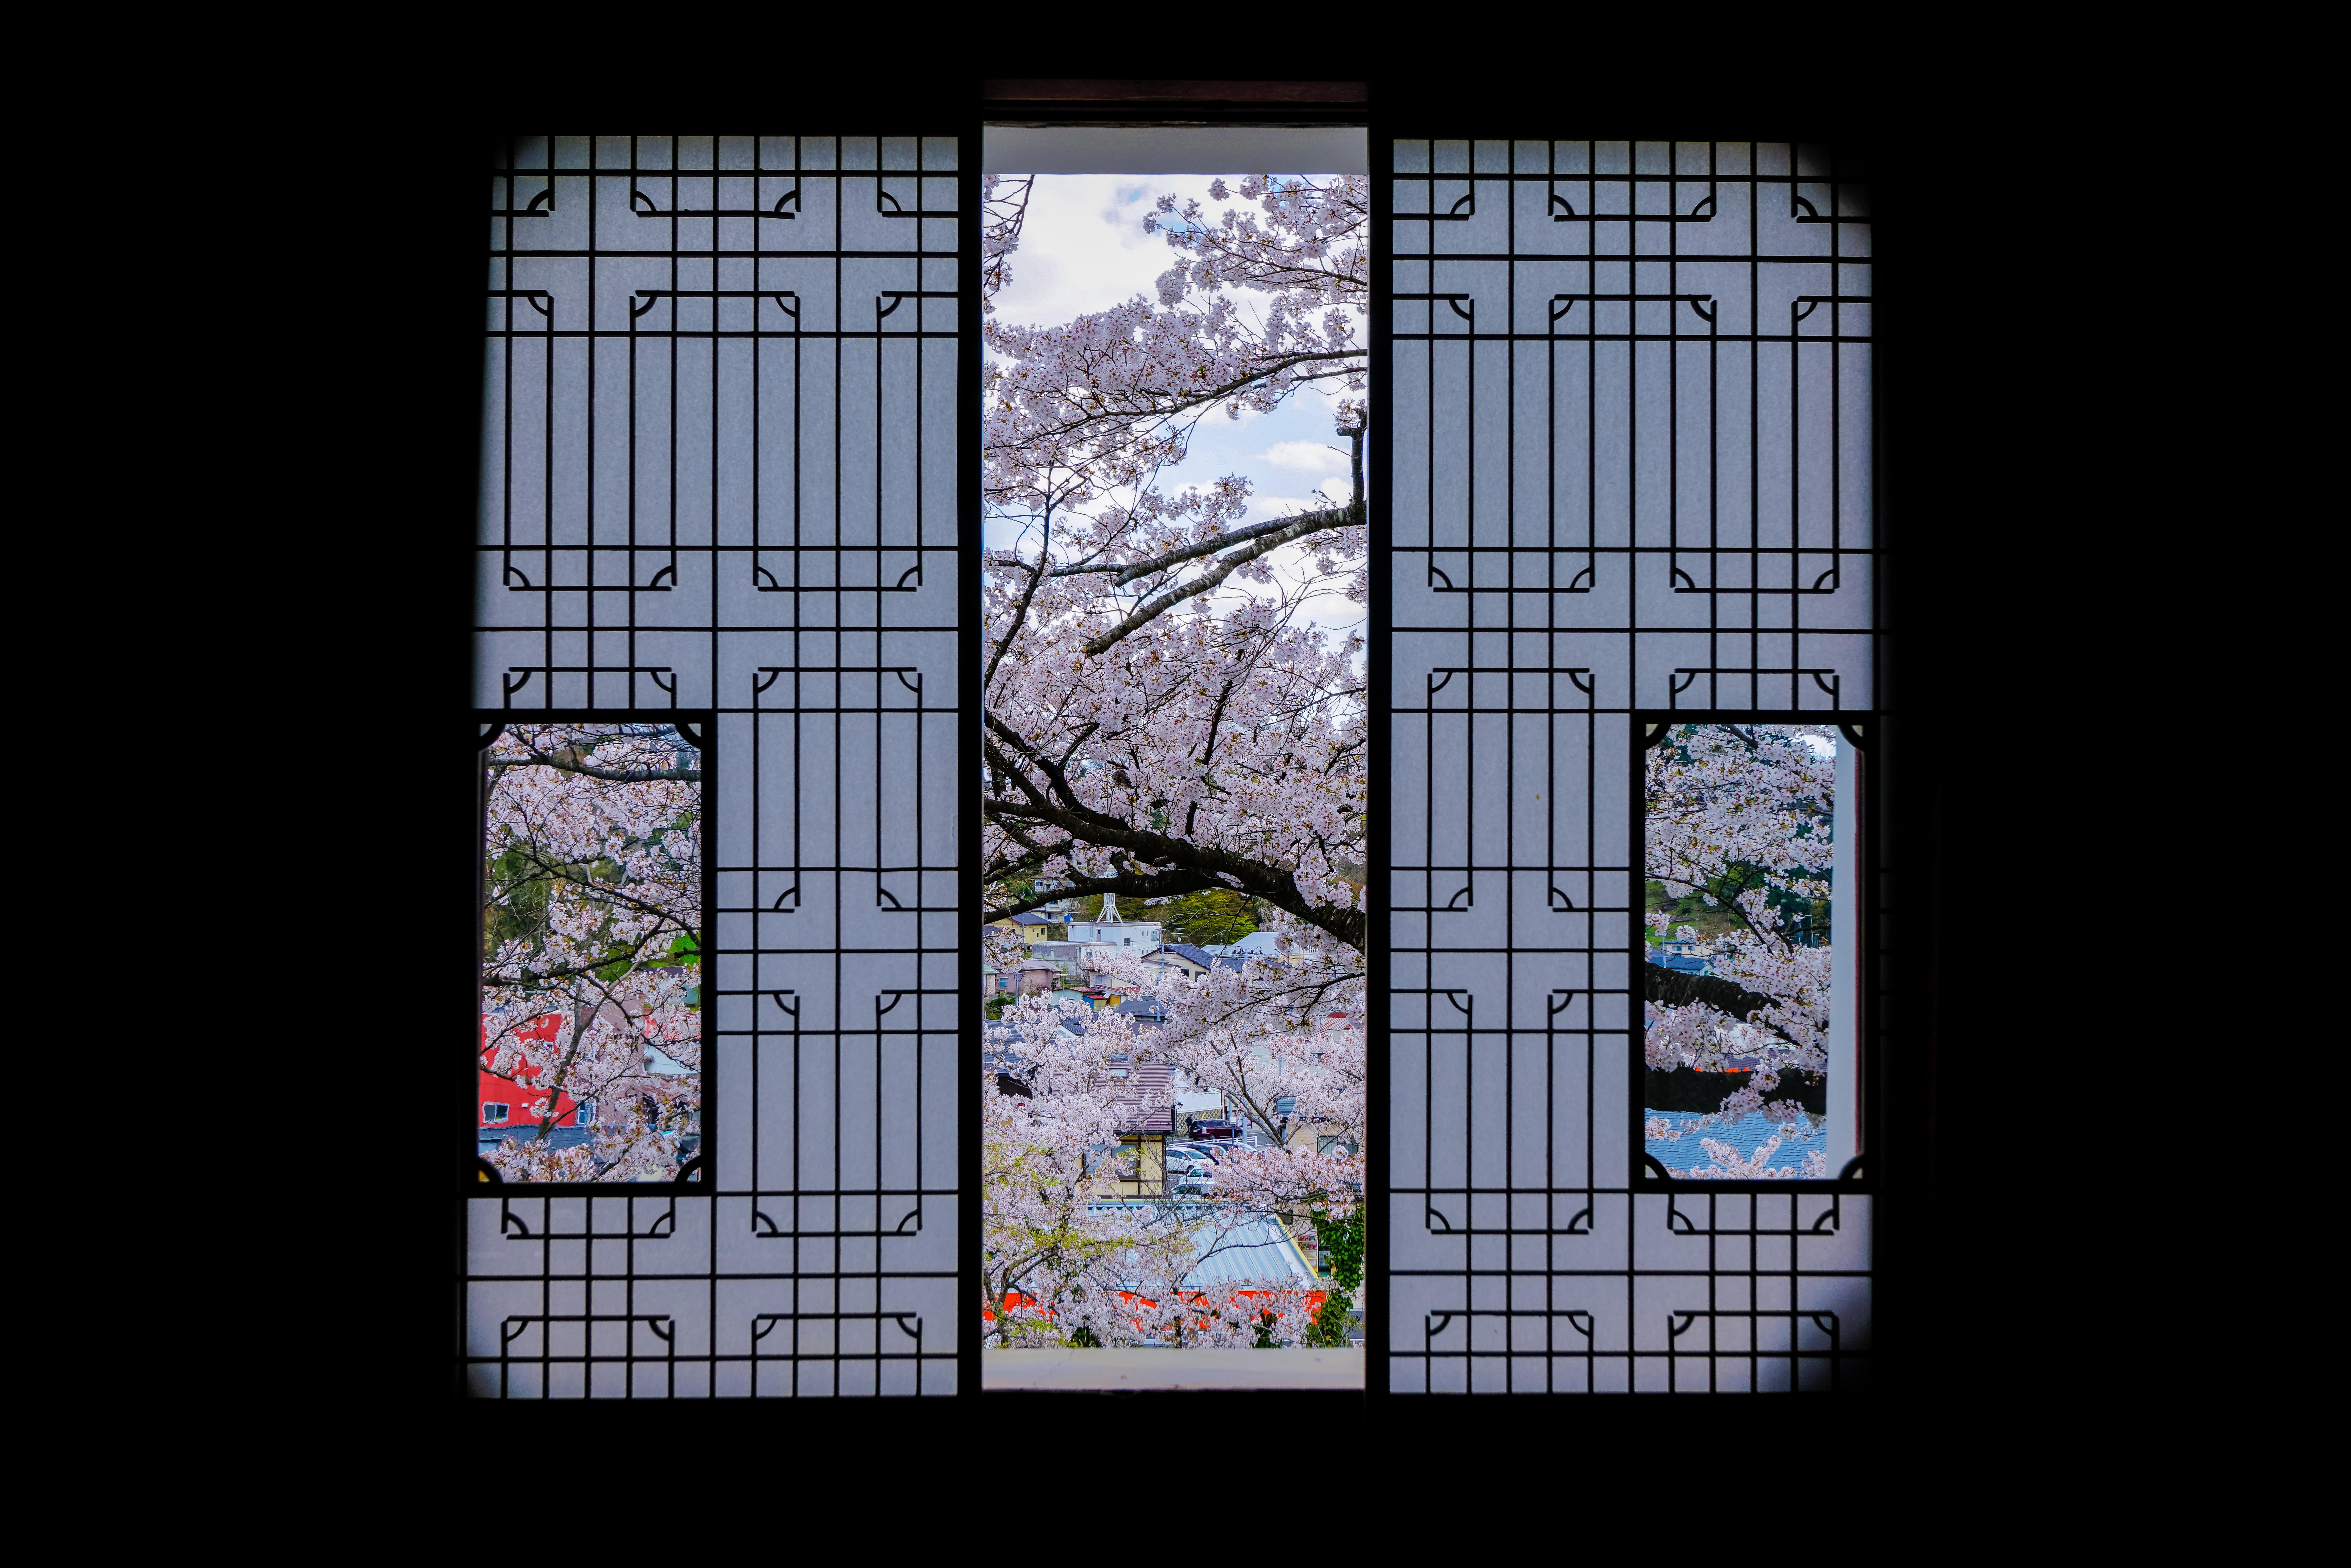 フォトコンテスト「桜」2017審査員賞